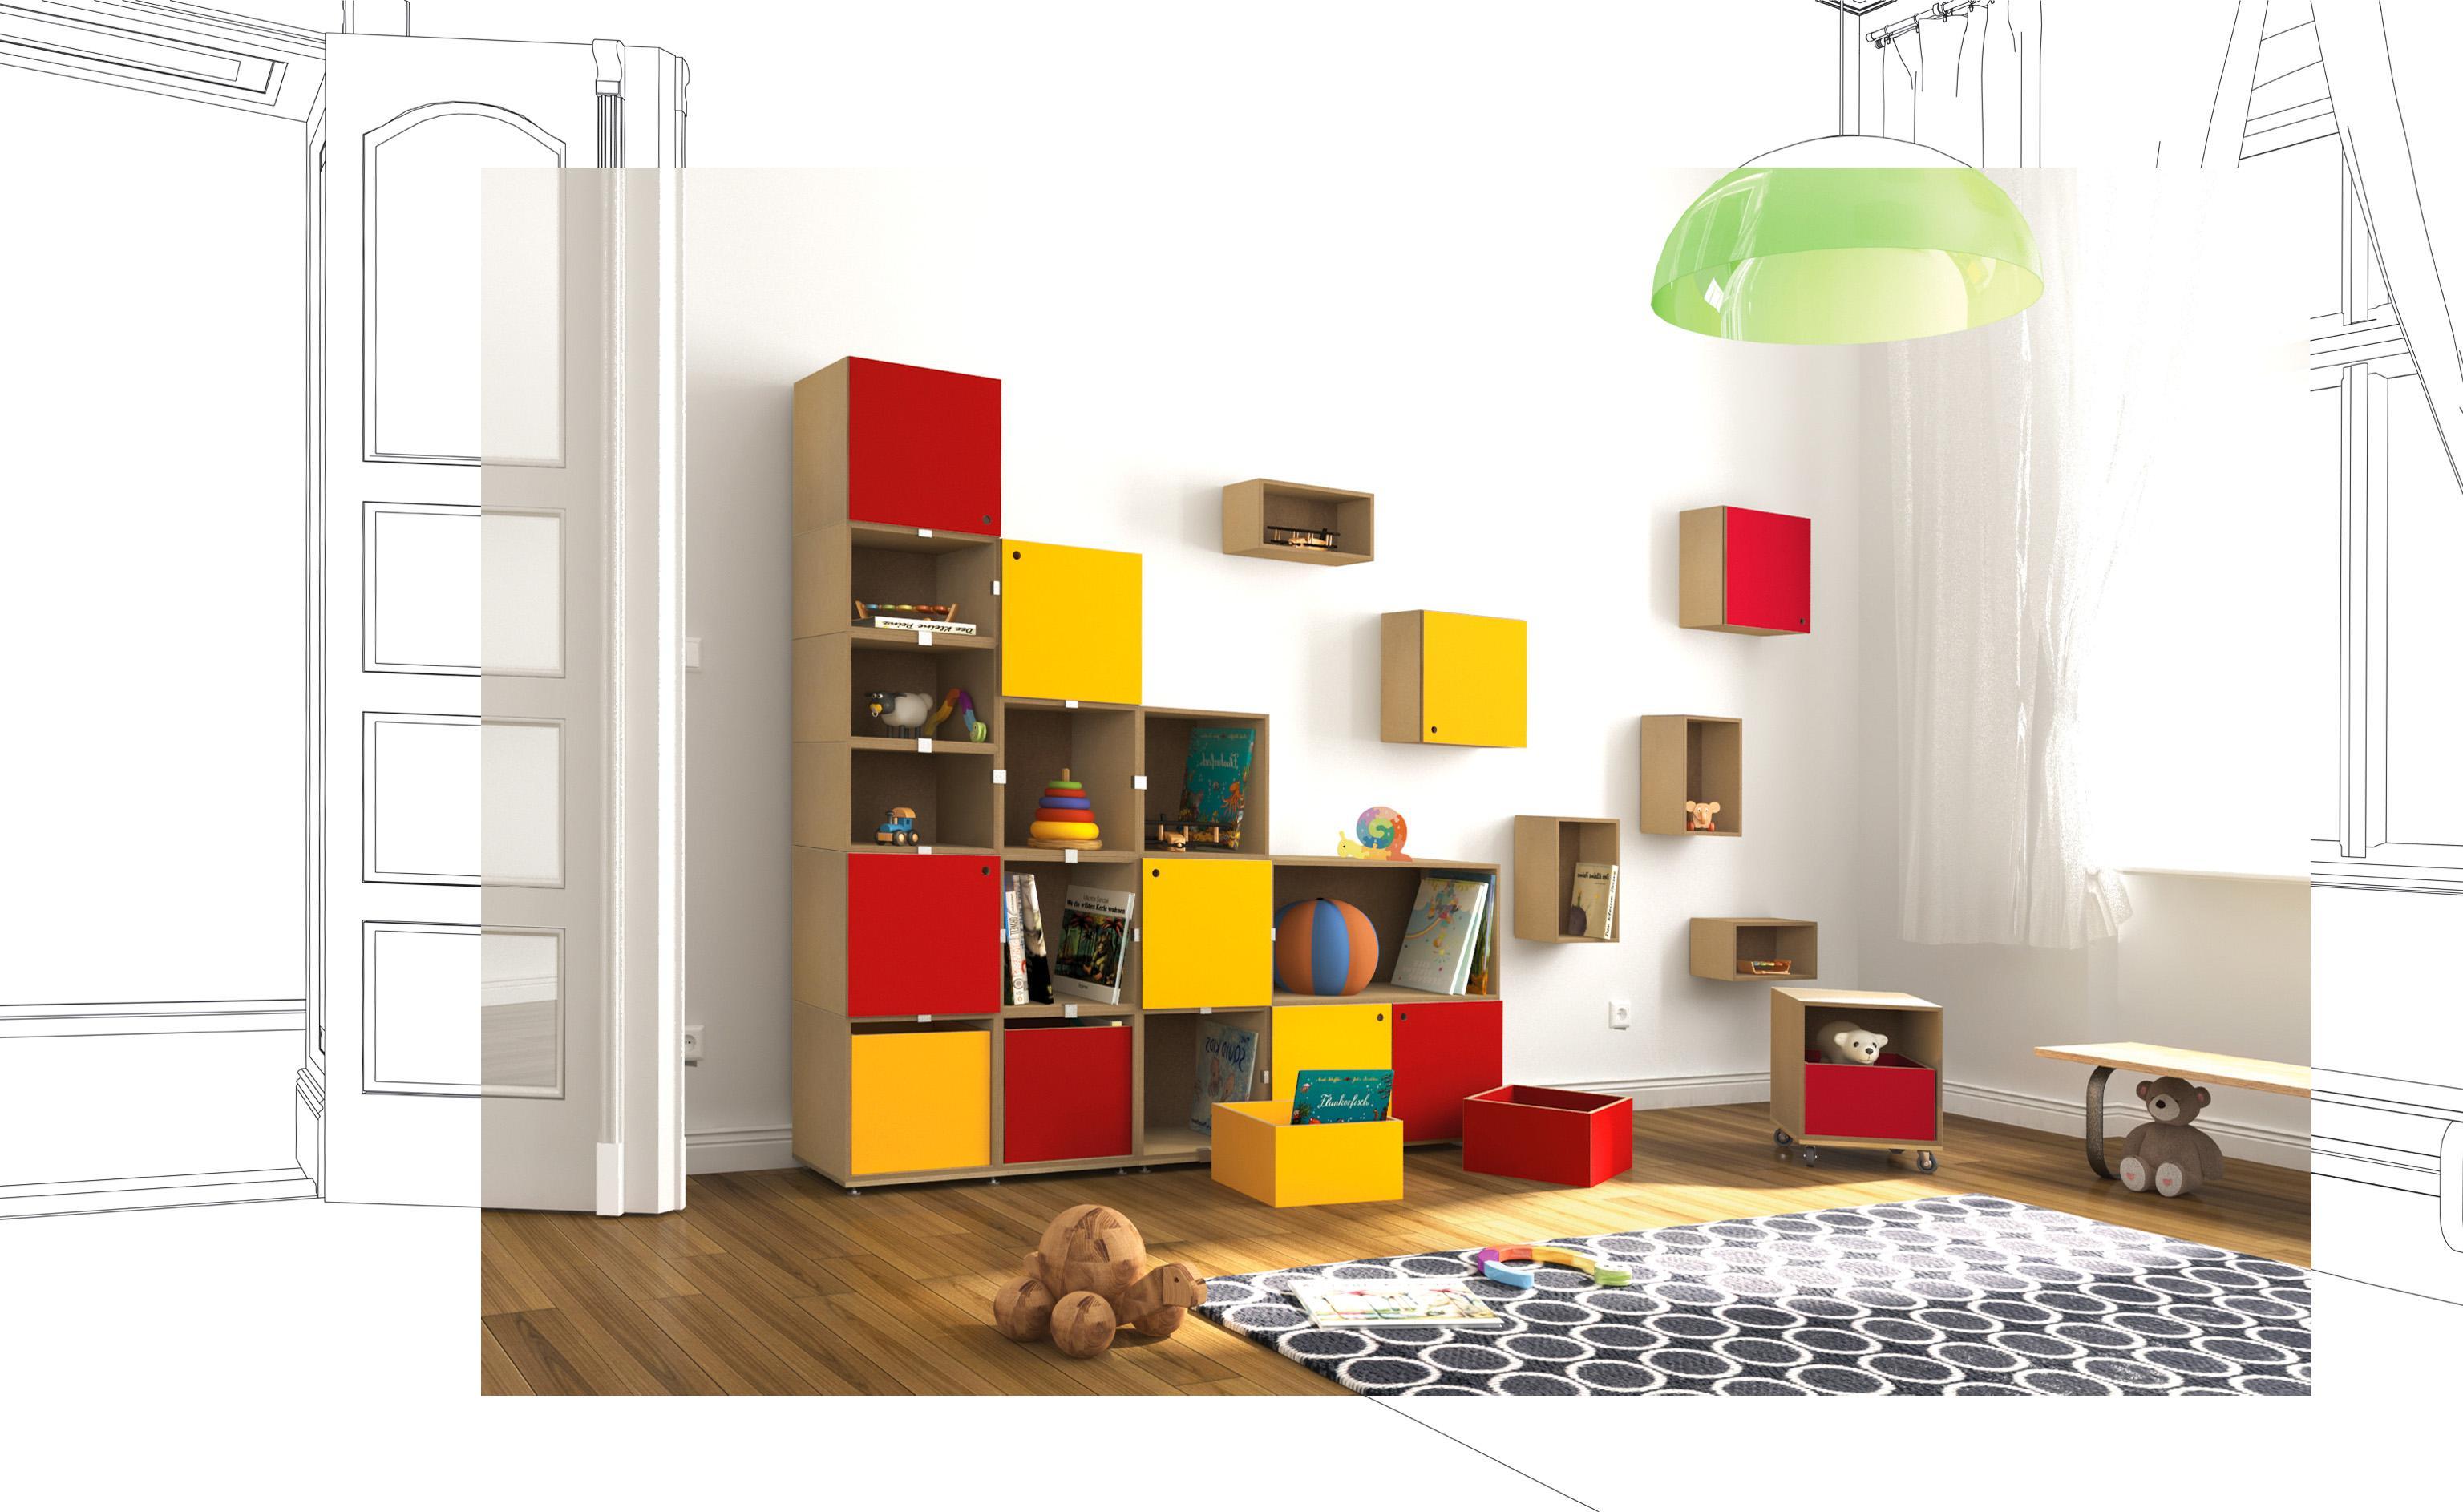 Kinderzimmer Regal | Kinderzimmer Regal Bilder Ideen Couch